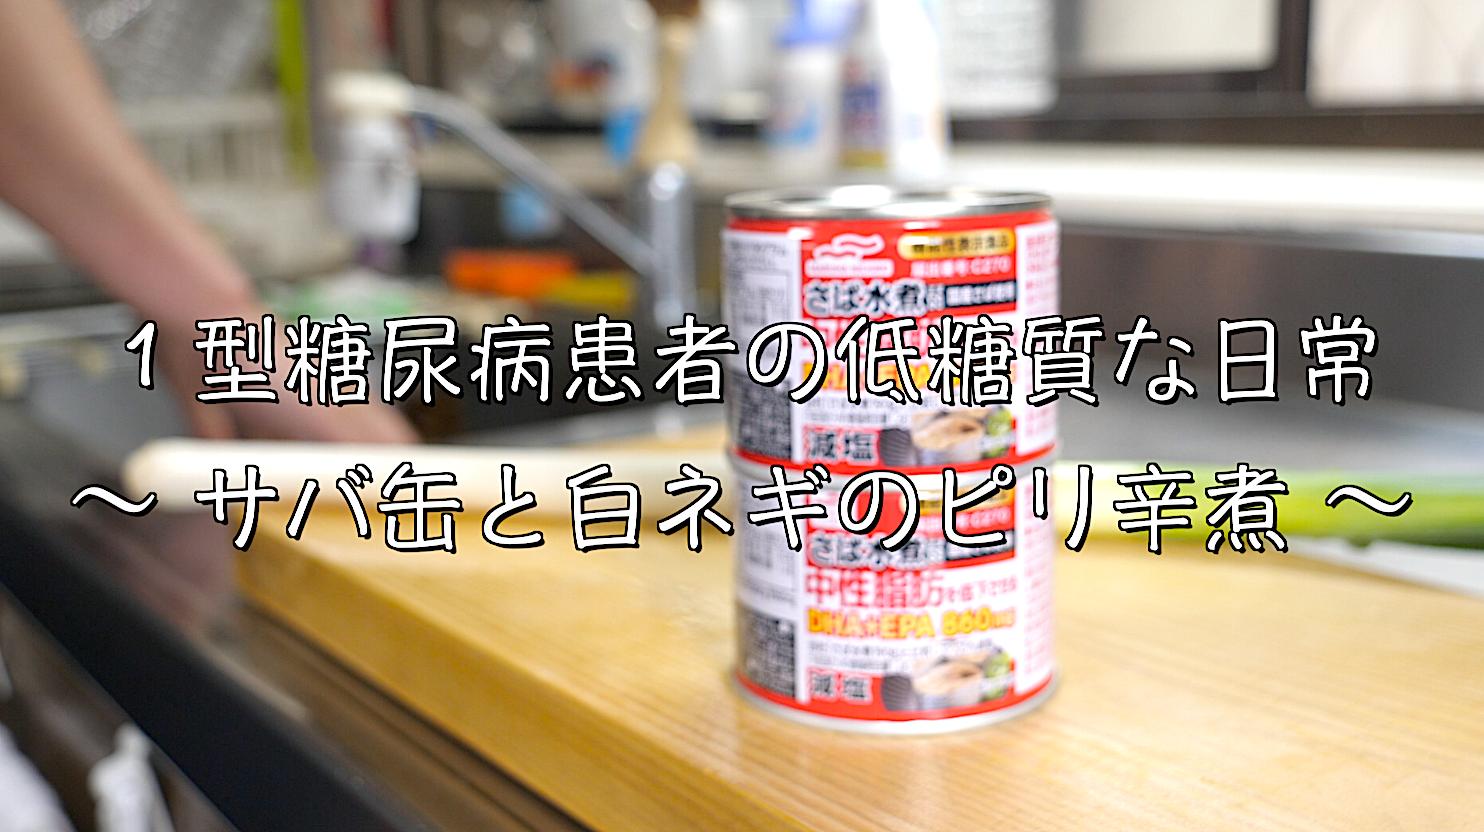 サバ缶 ダイエット レシピ